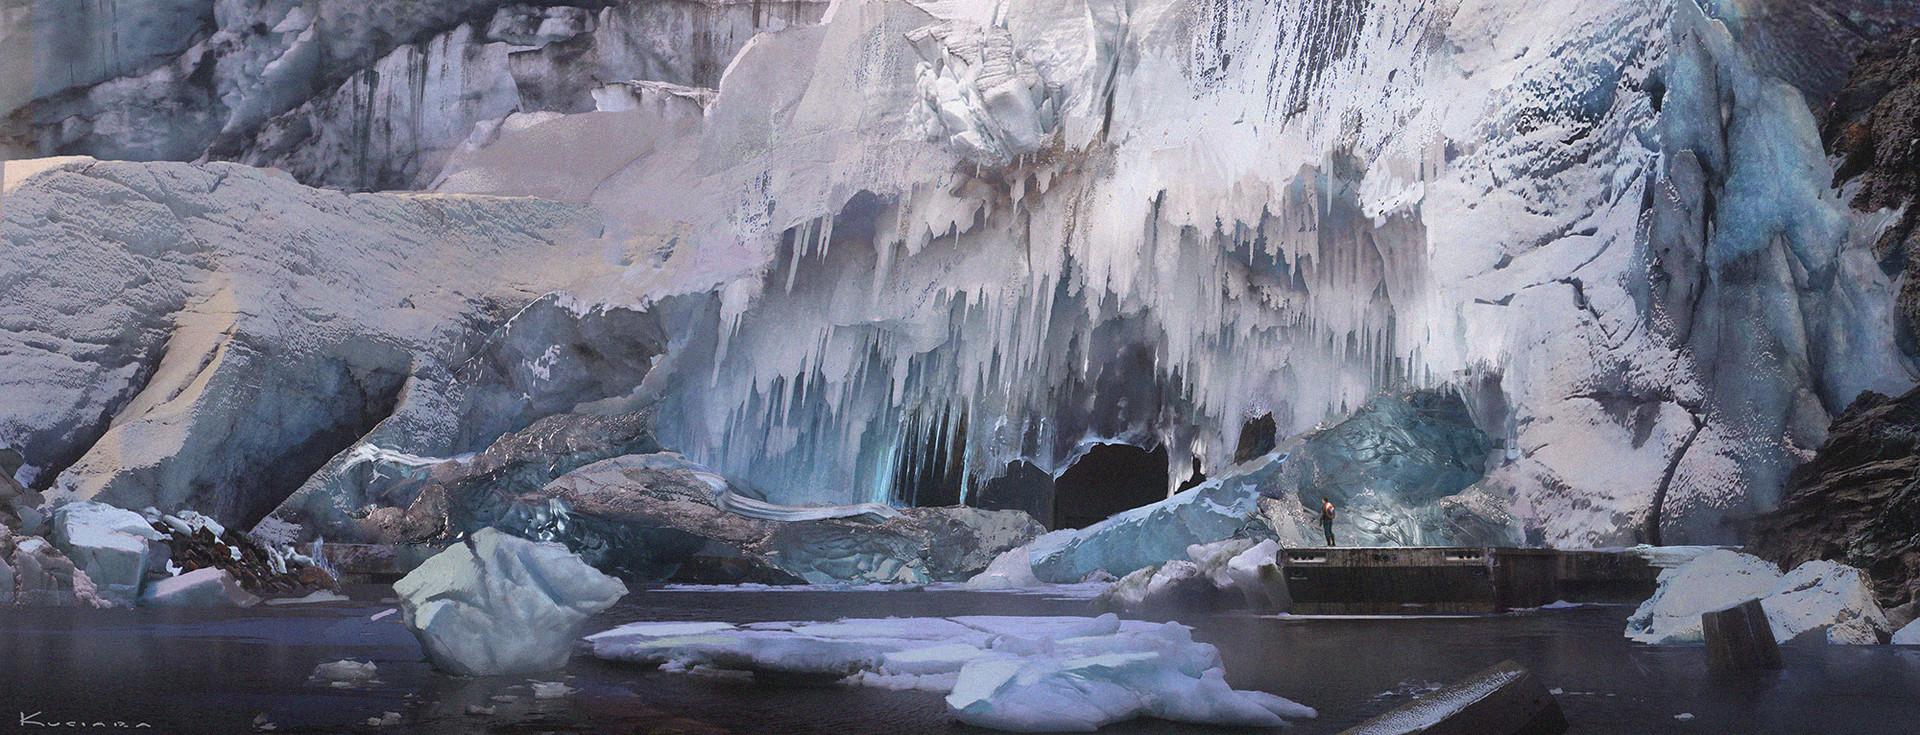 Maciej kuciara sputnik ext hydra facility cliff v01 mk 100714